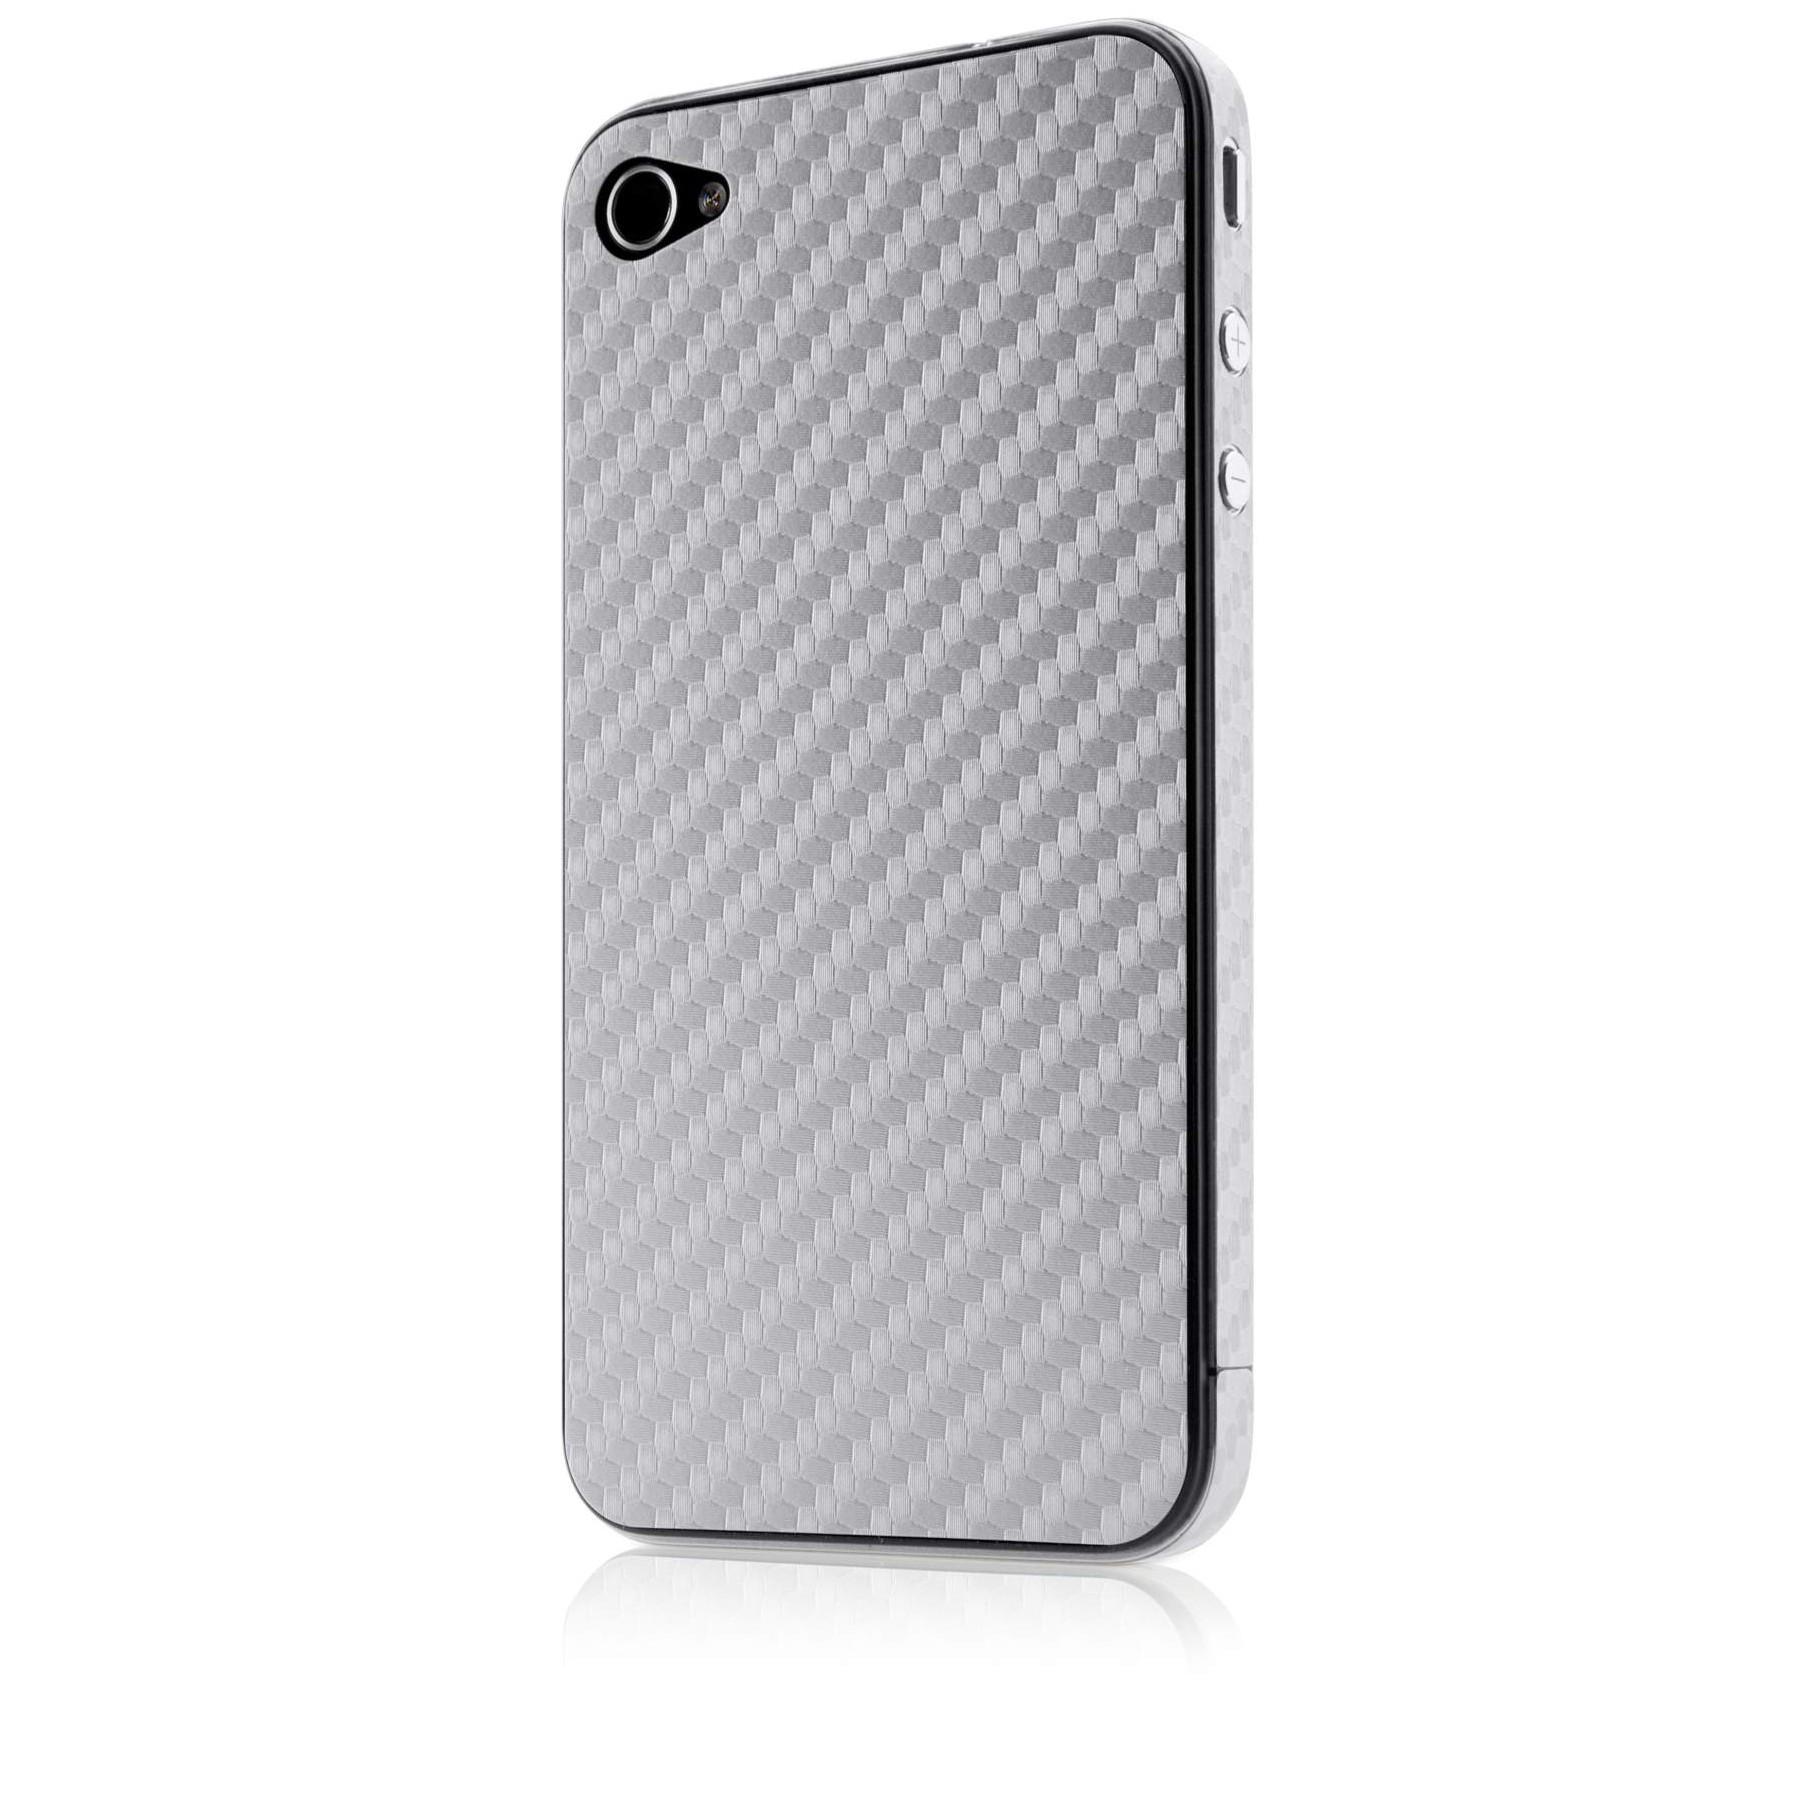 Belkin Carbon Fiber Sticker til iPhone 4/4S - Sølv